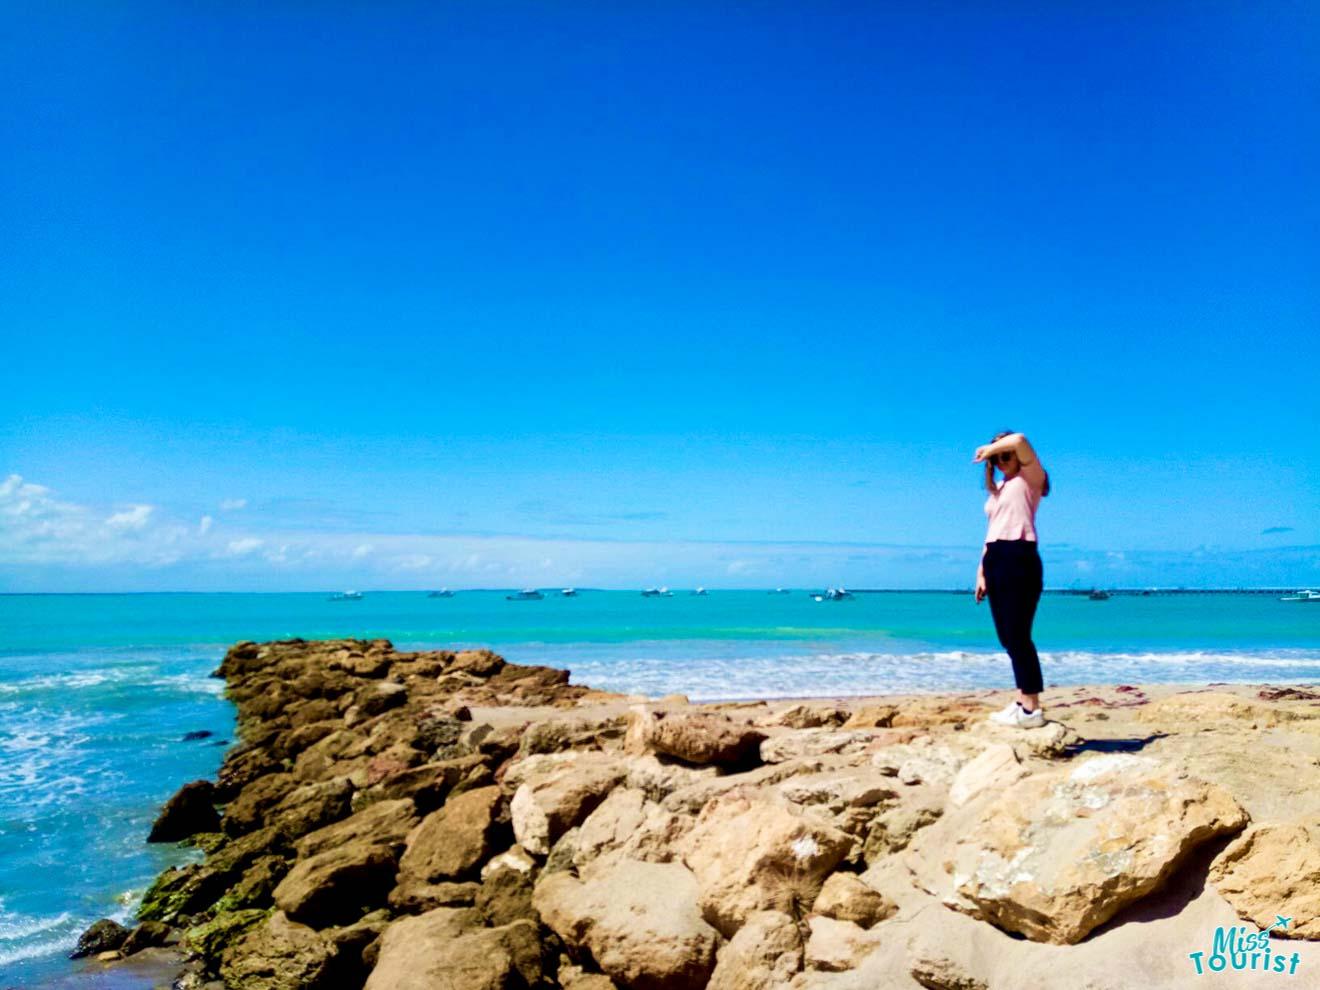 Lieux incontournables le long de Port Fairy Grand itinéraire routier océanique